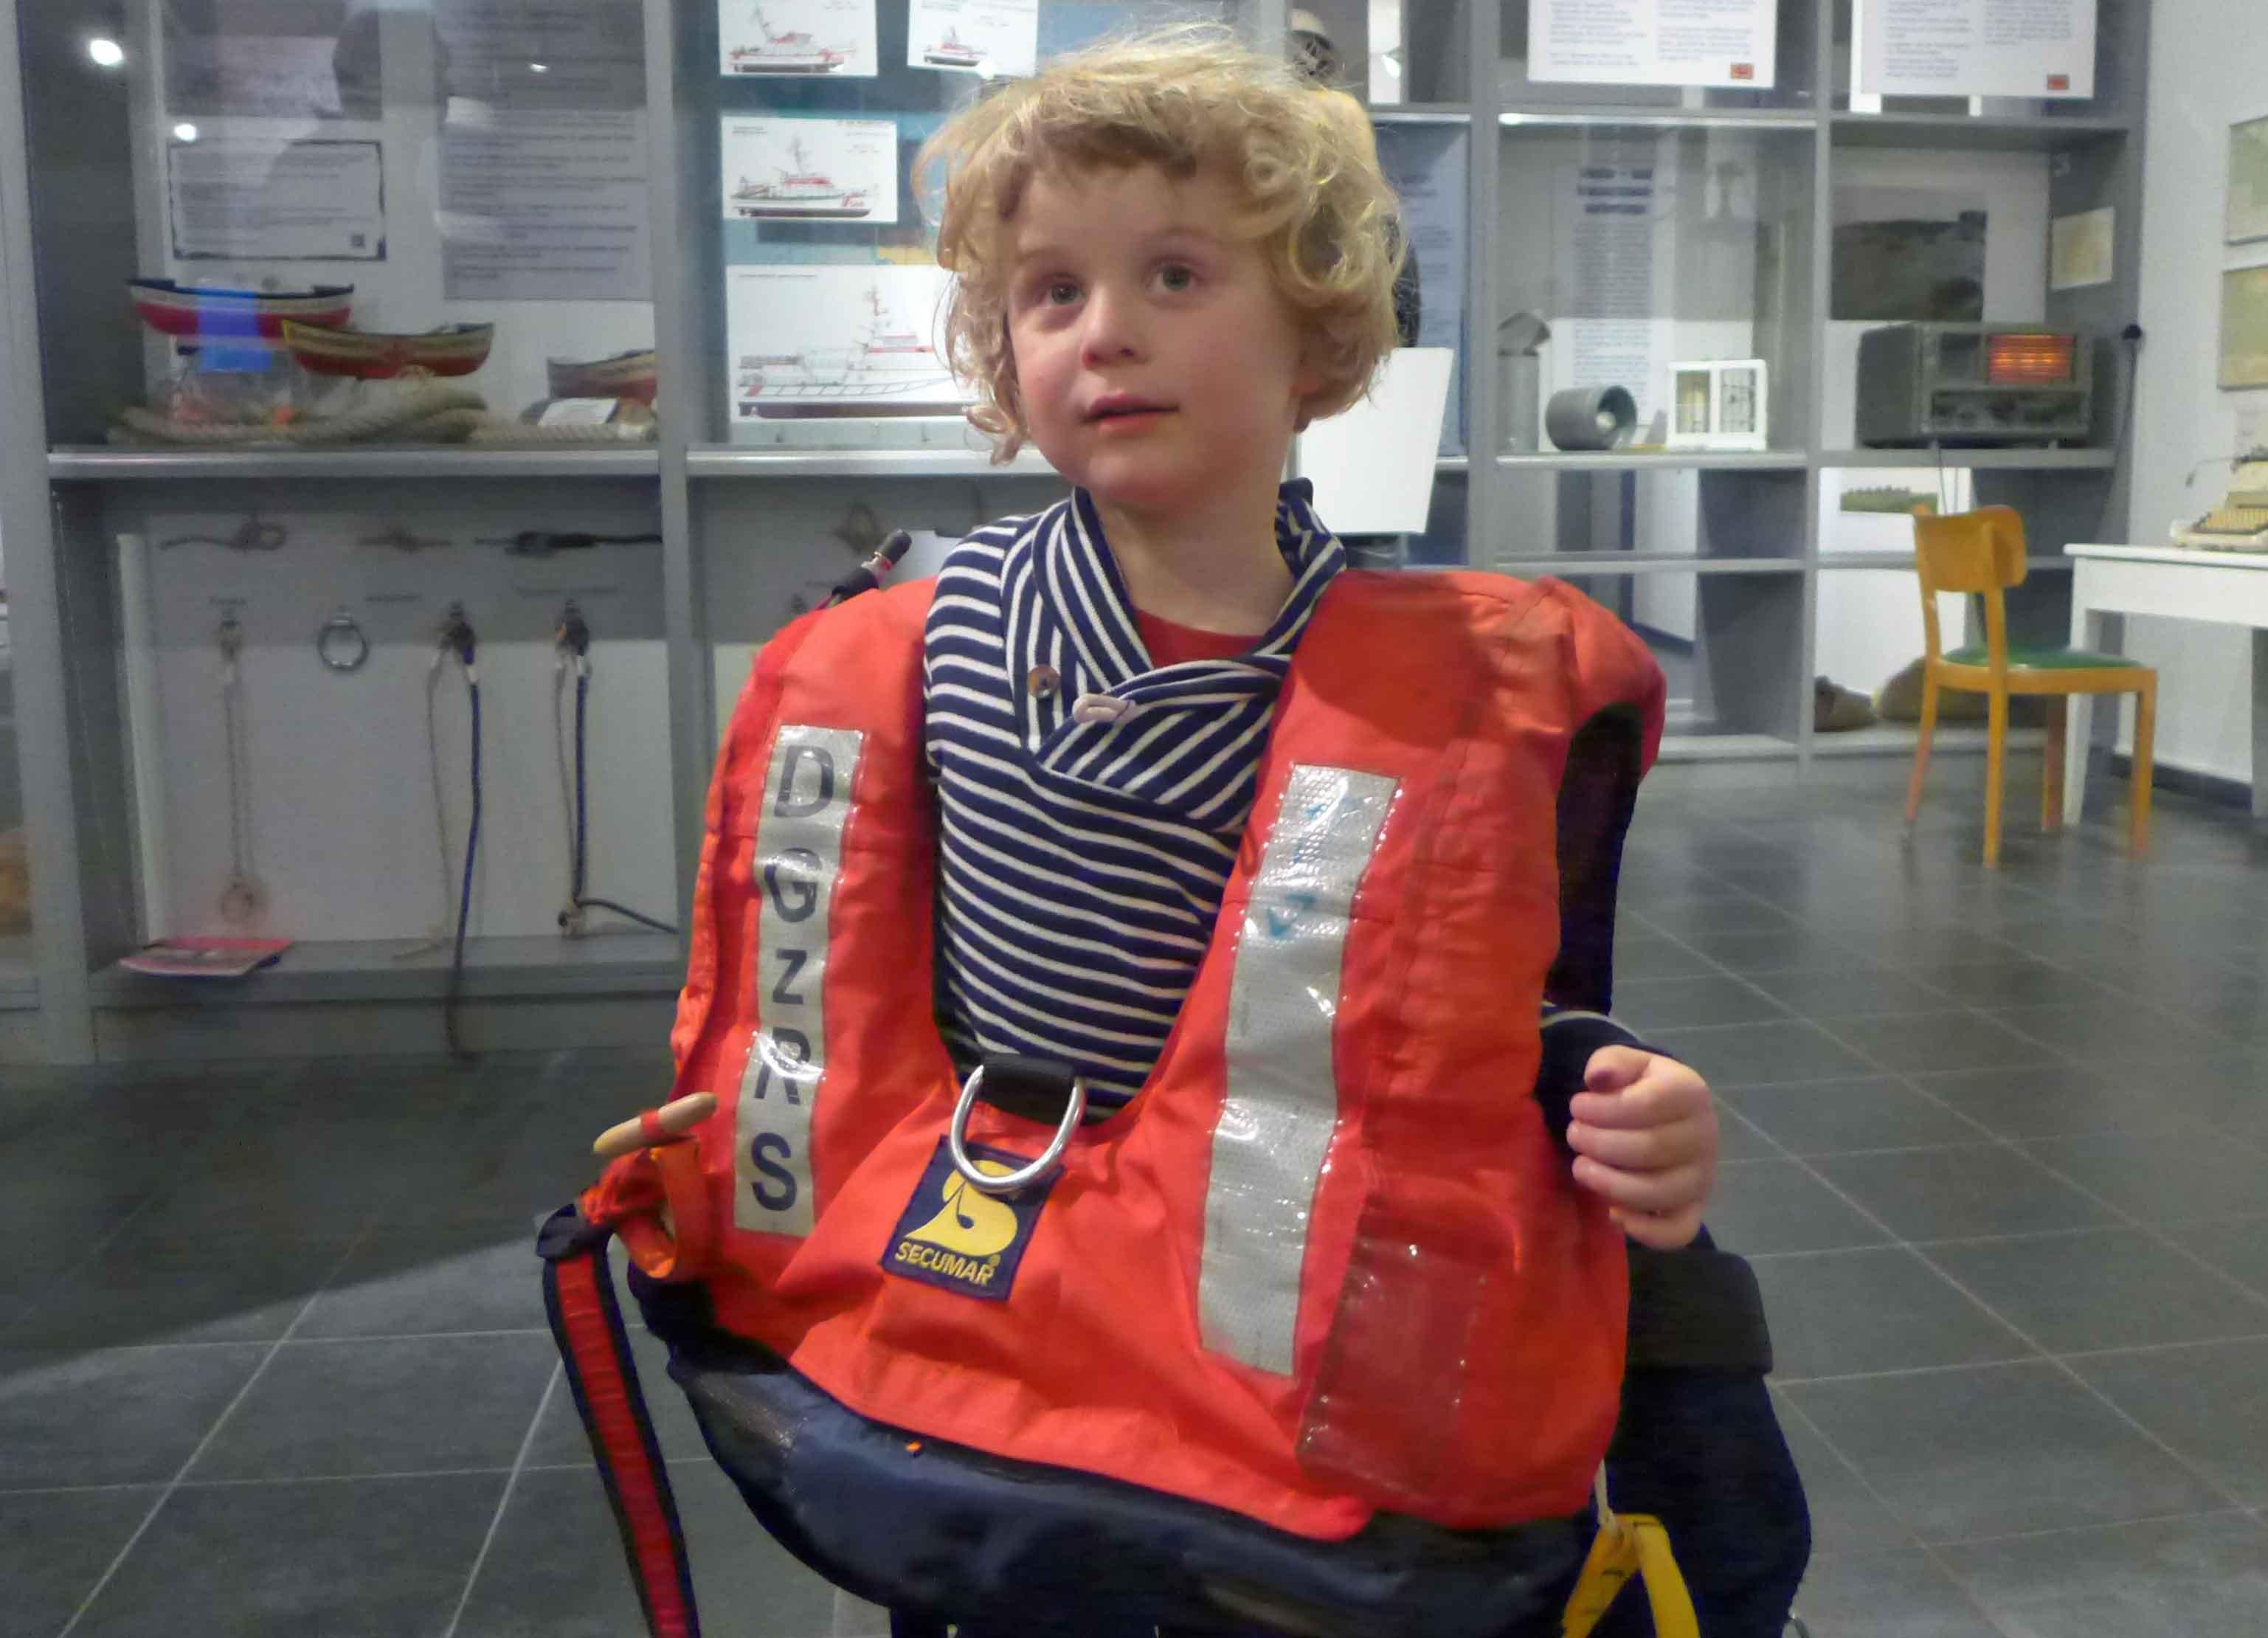 Kind mit schwerer Rettungsweste.